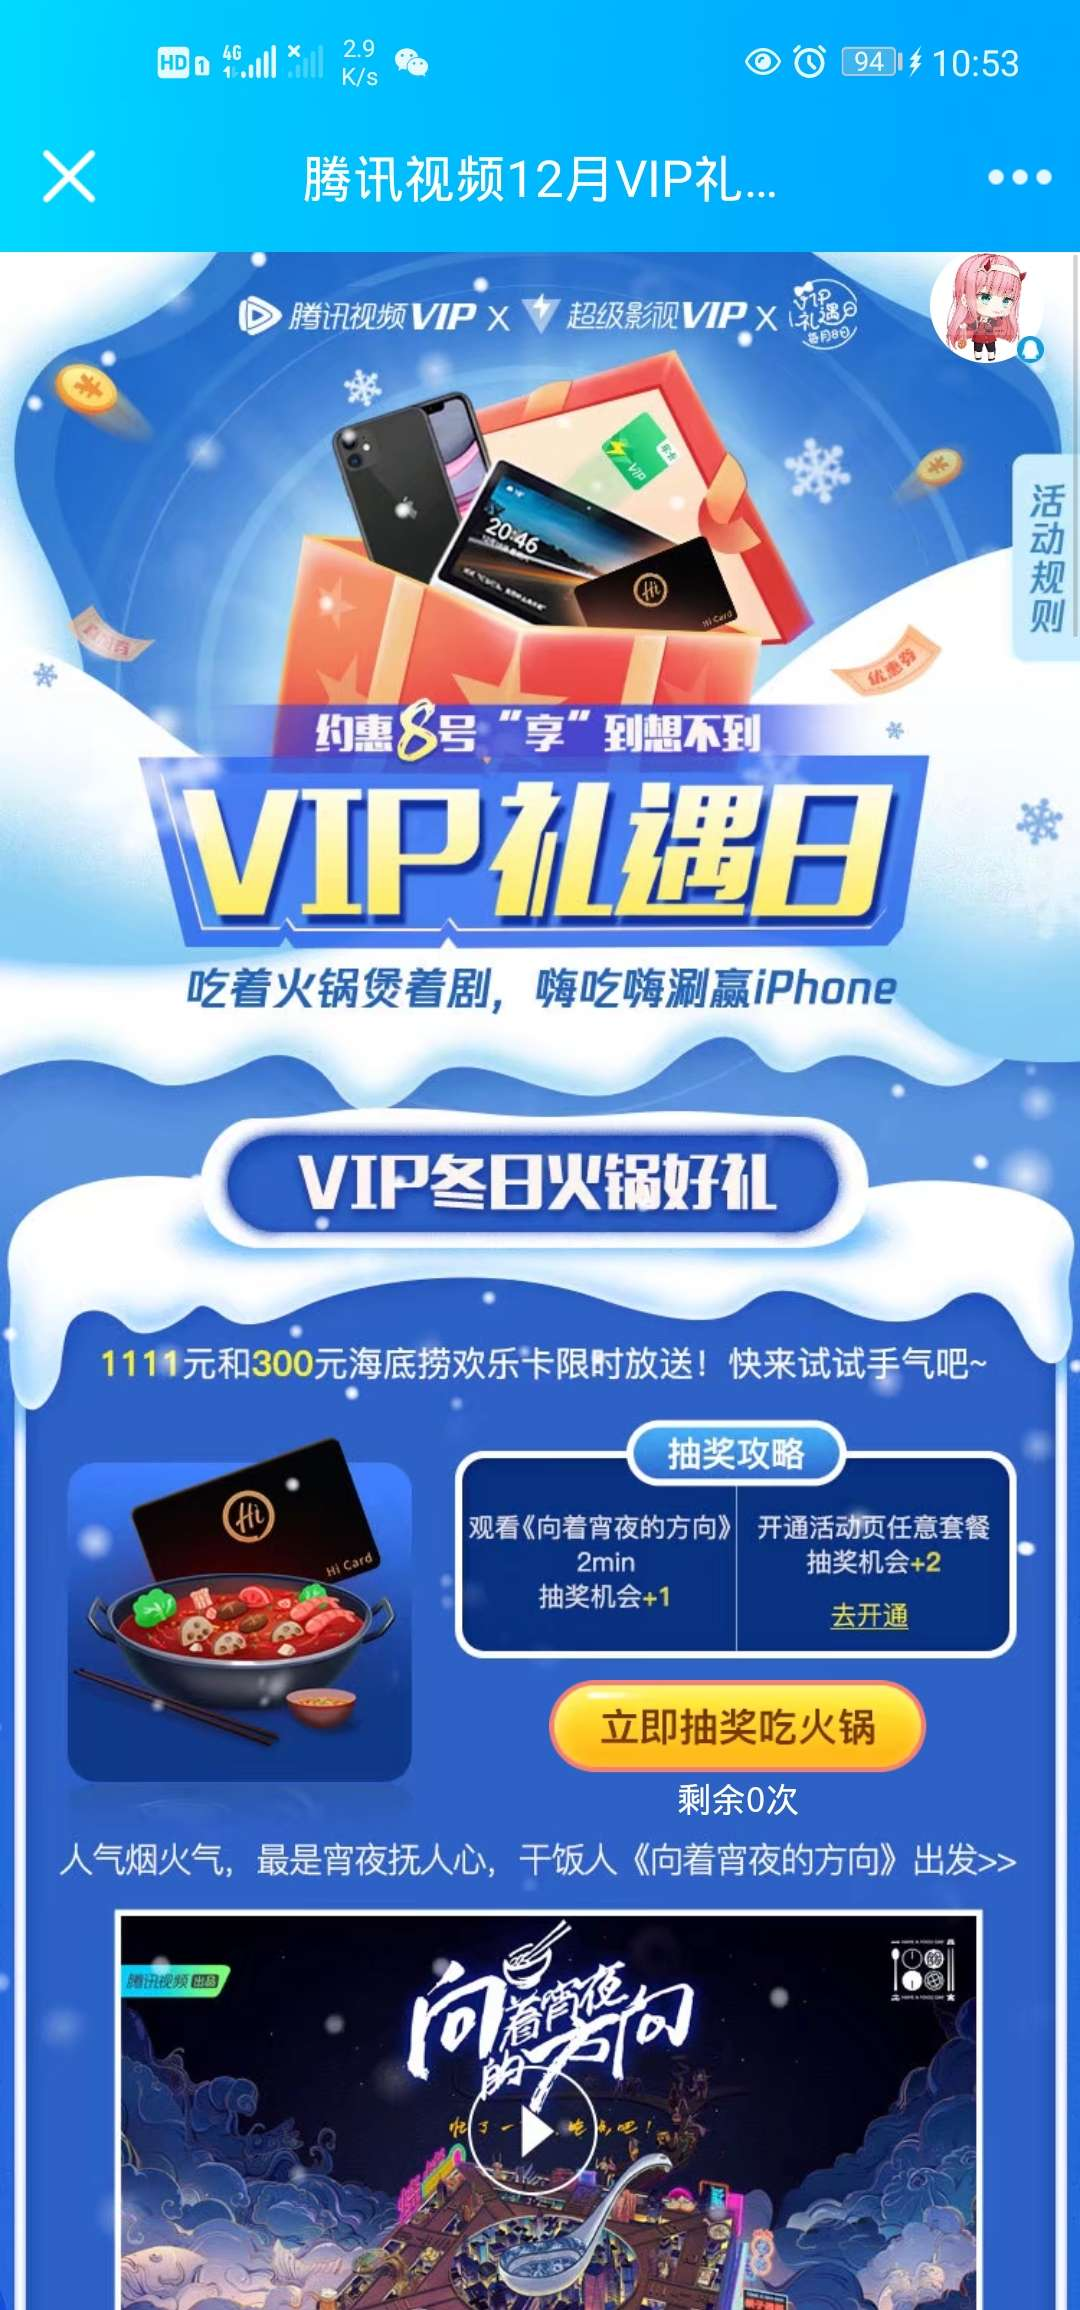 【虚拟物品】腾讯视频VIP冬日好礼-聚合资源网